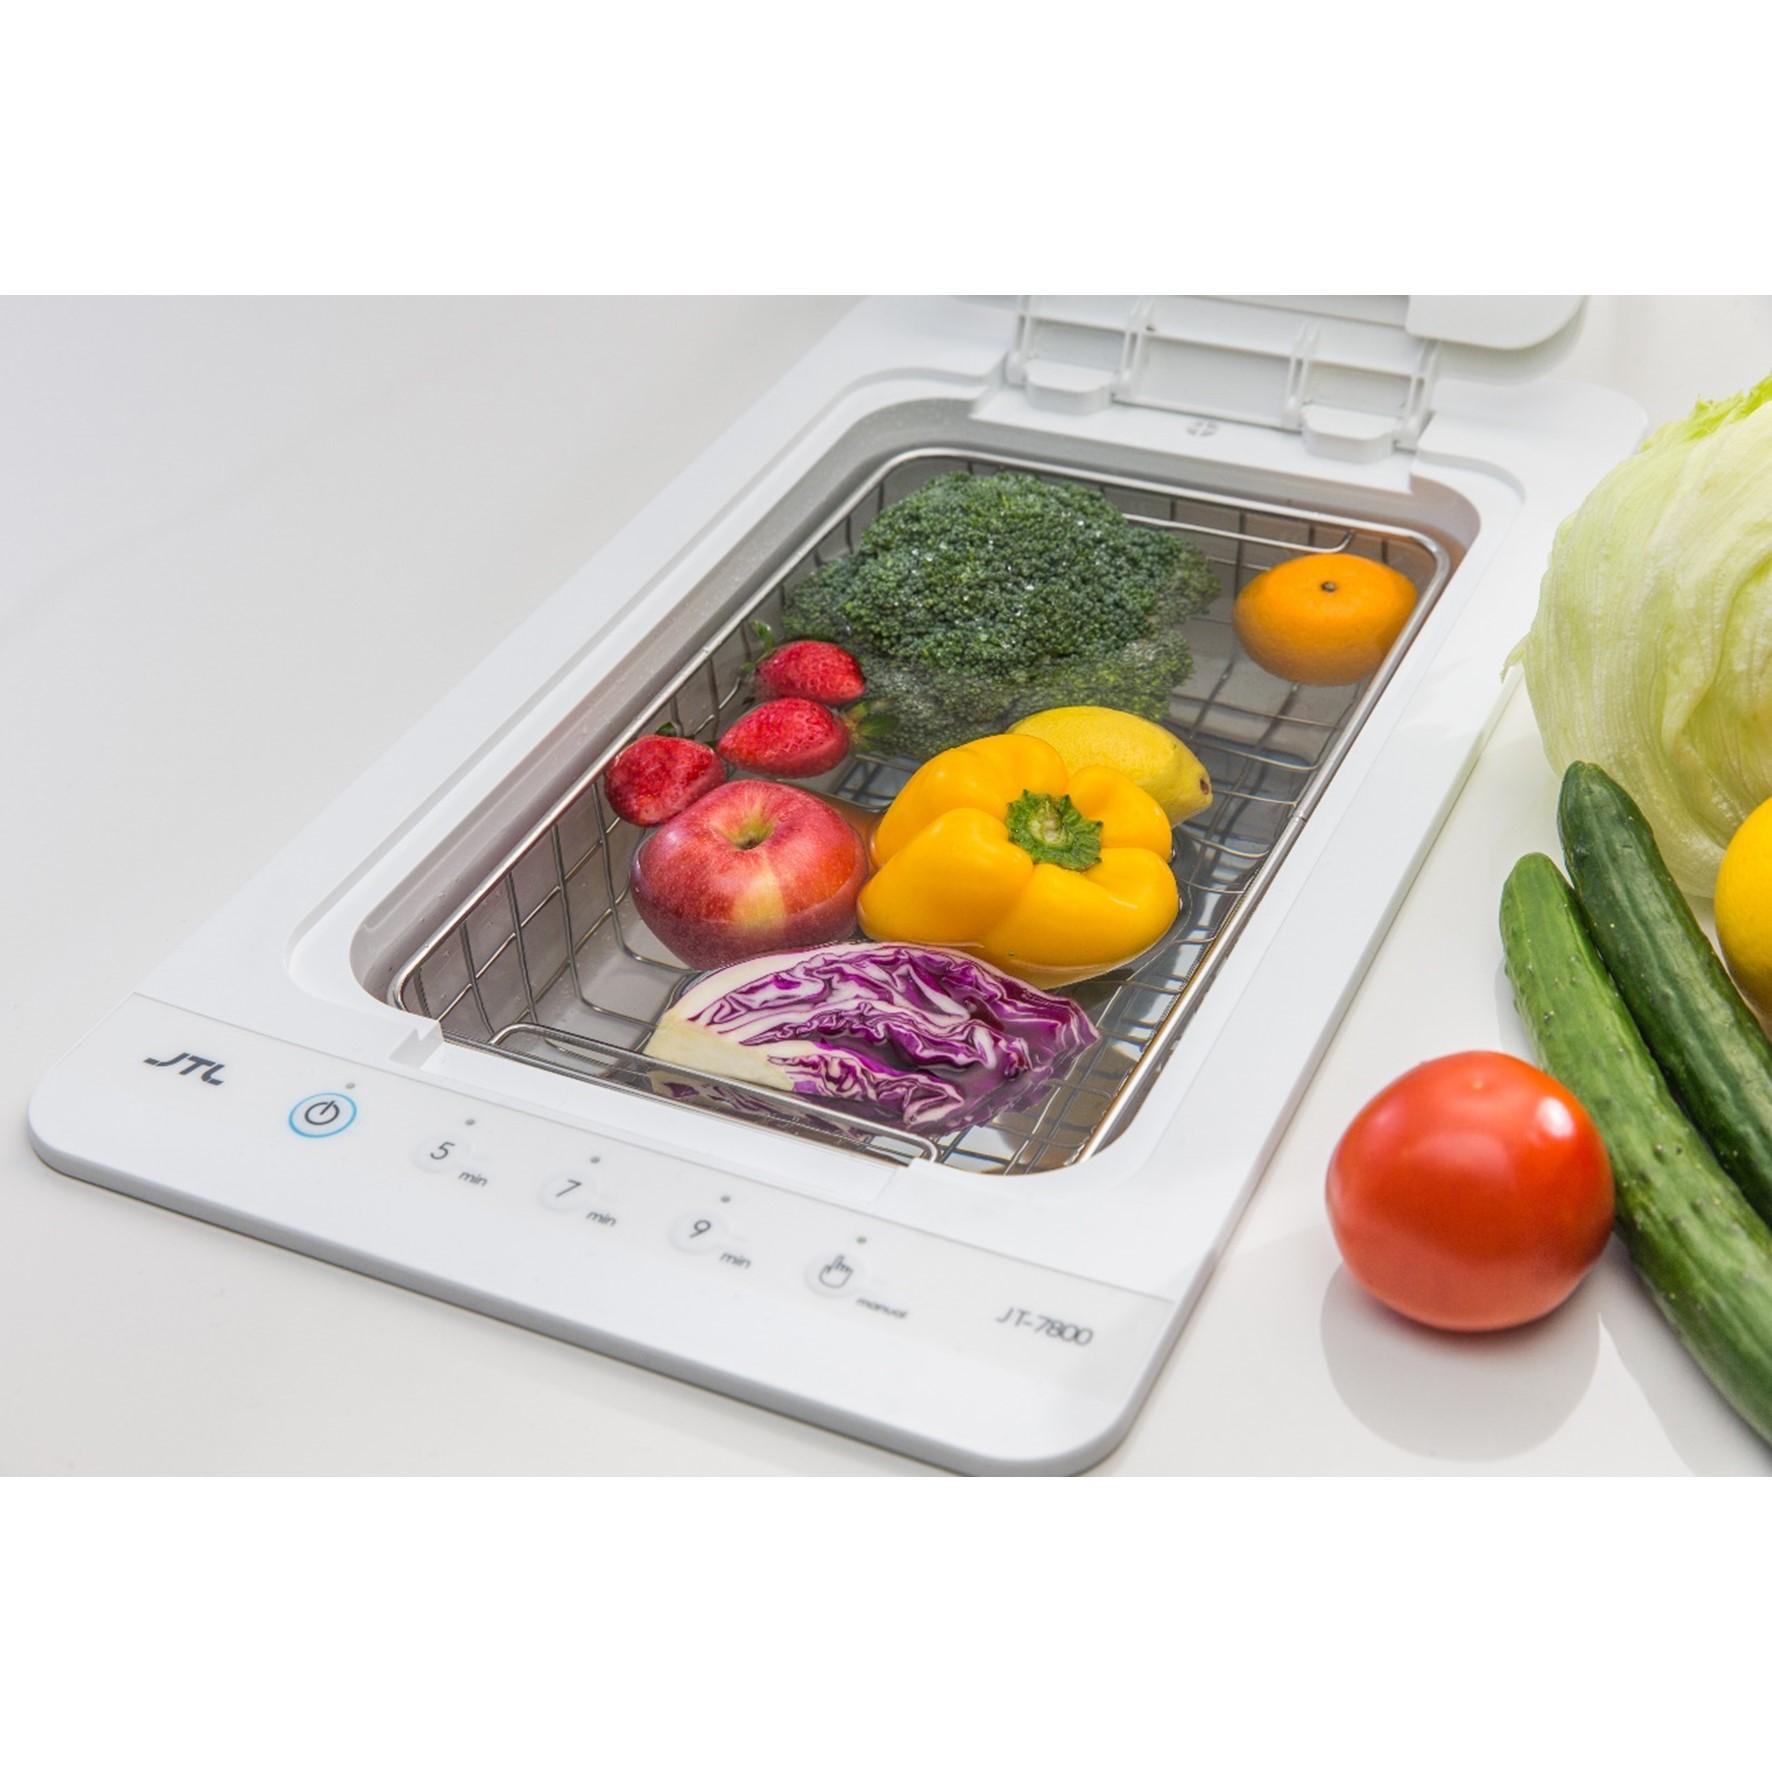 超音波清洗效果佳  適用各式食材